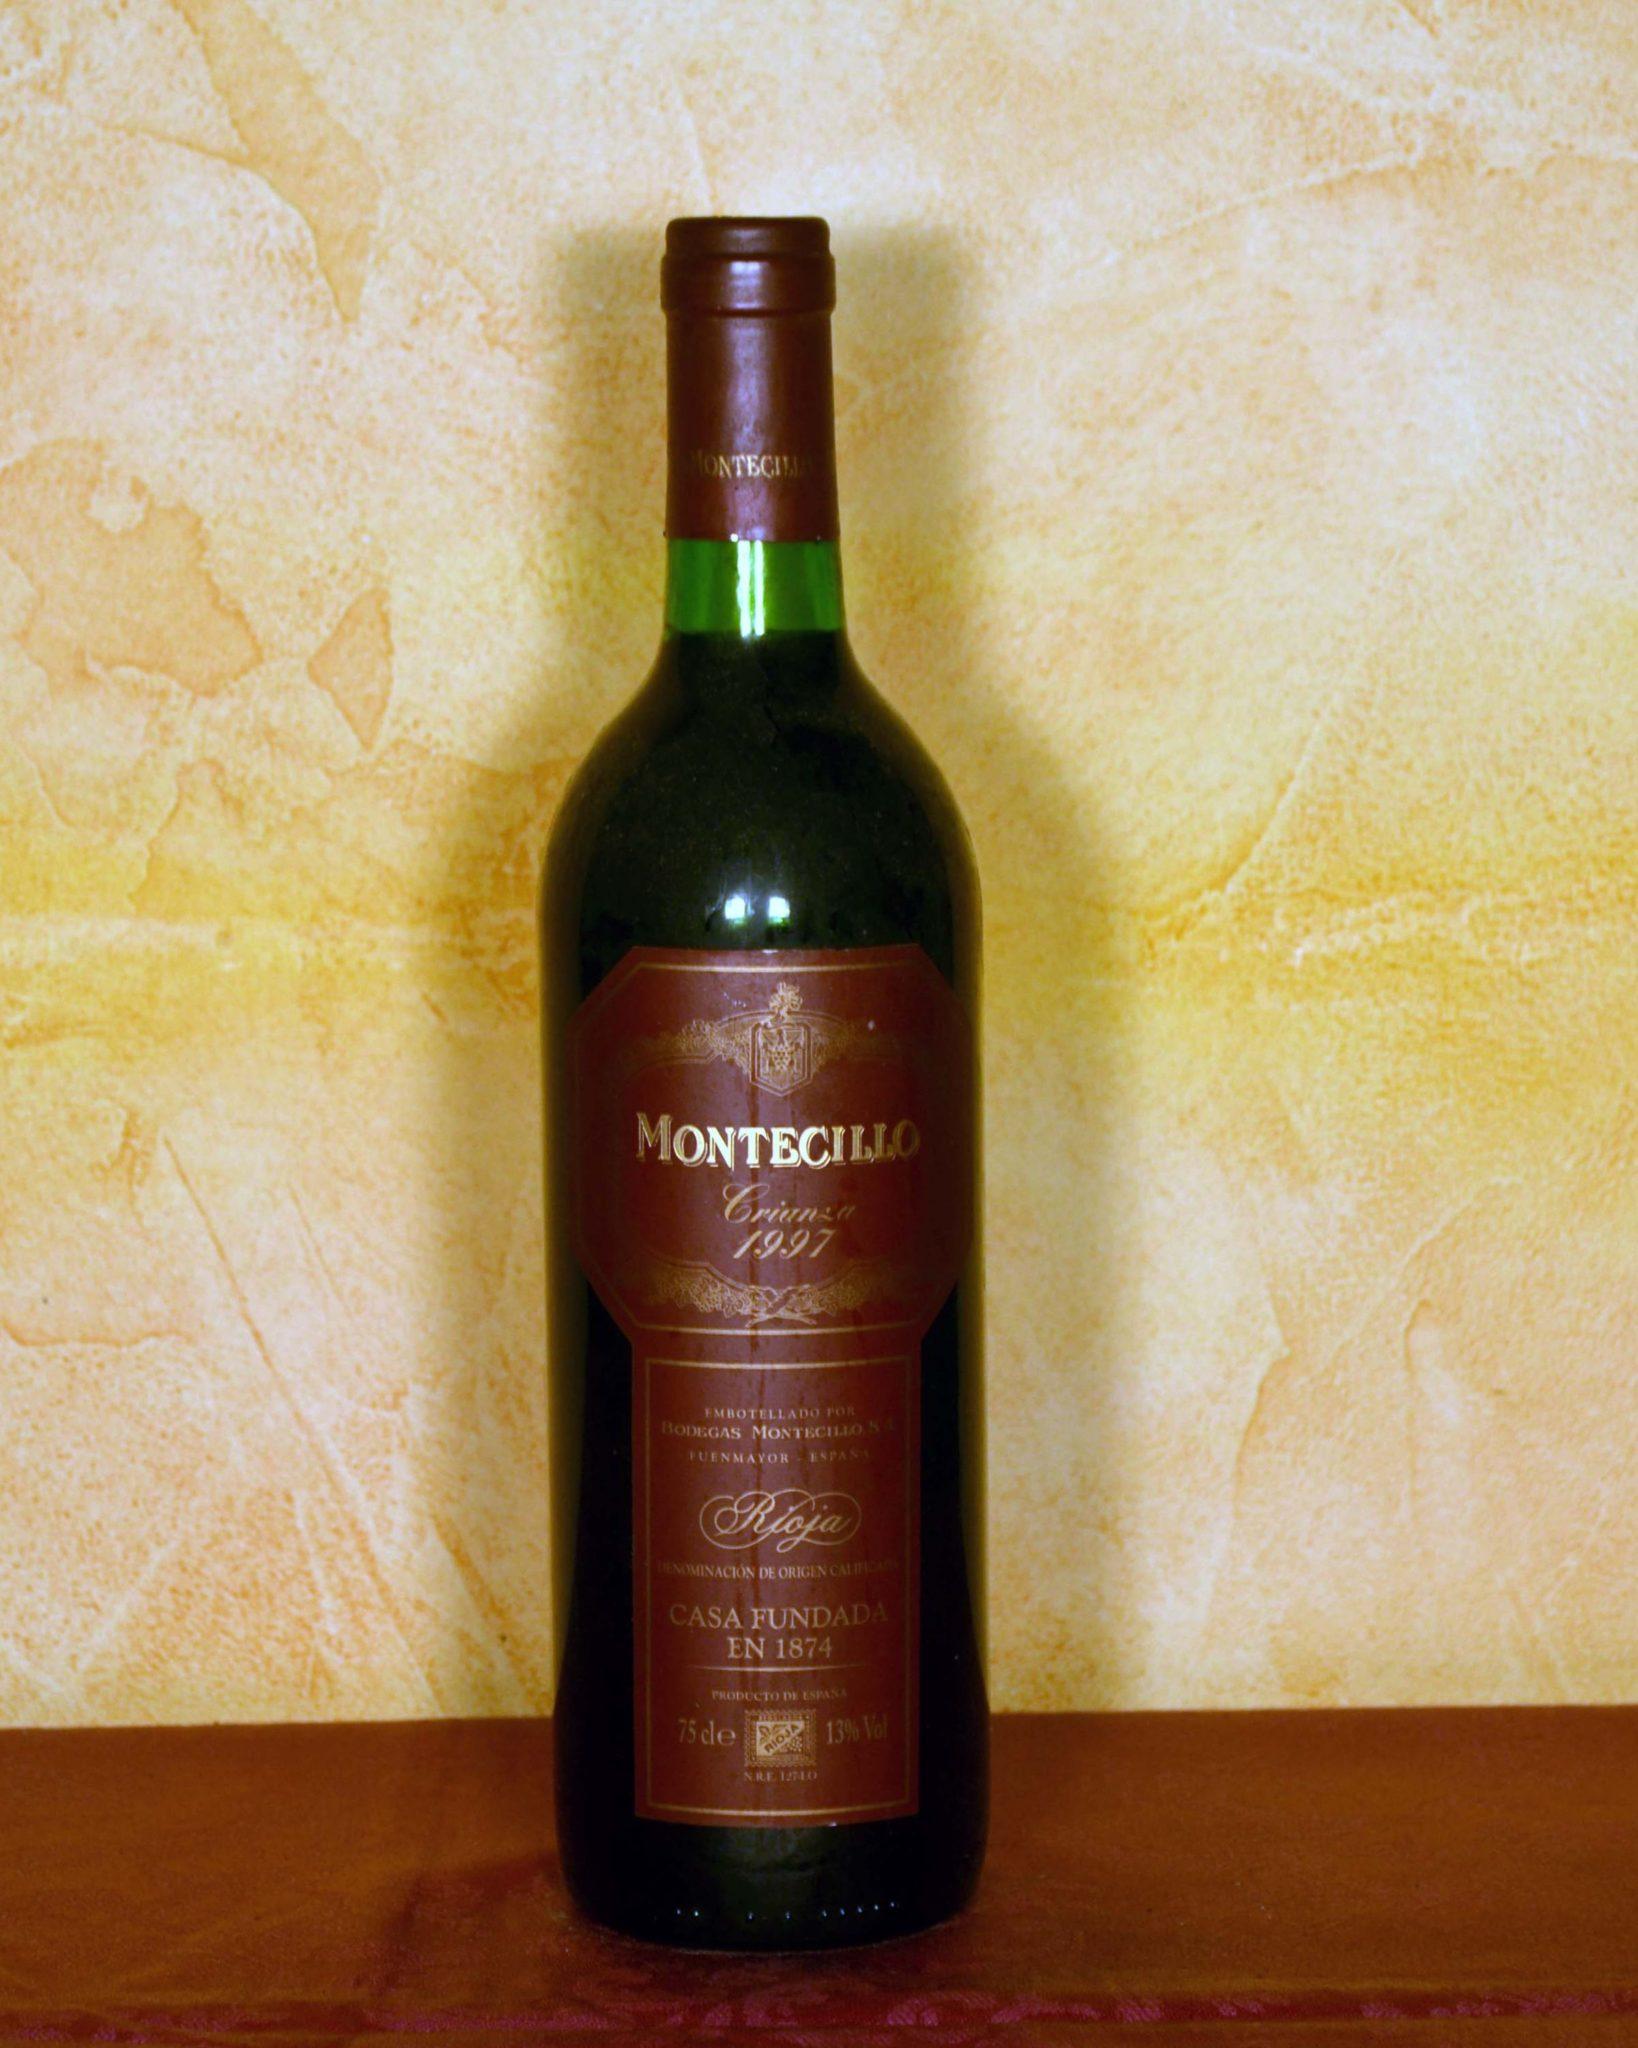 Montecillo Crianza 1997